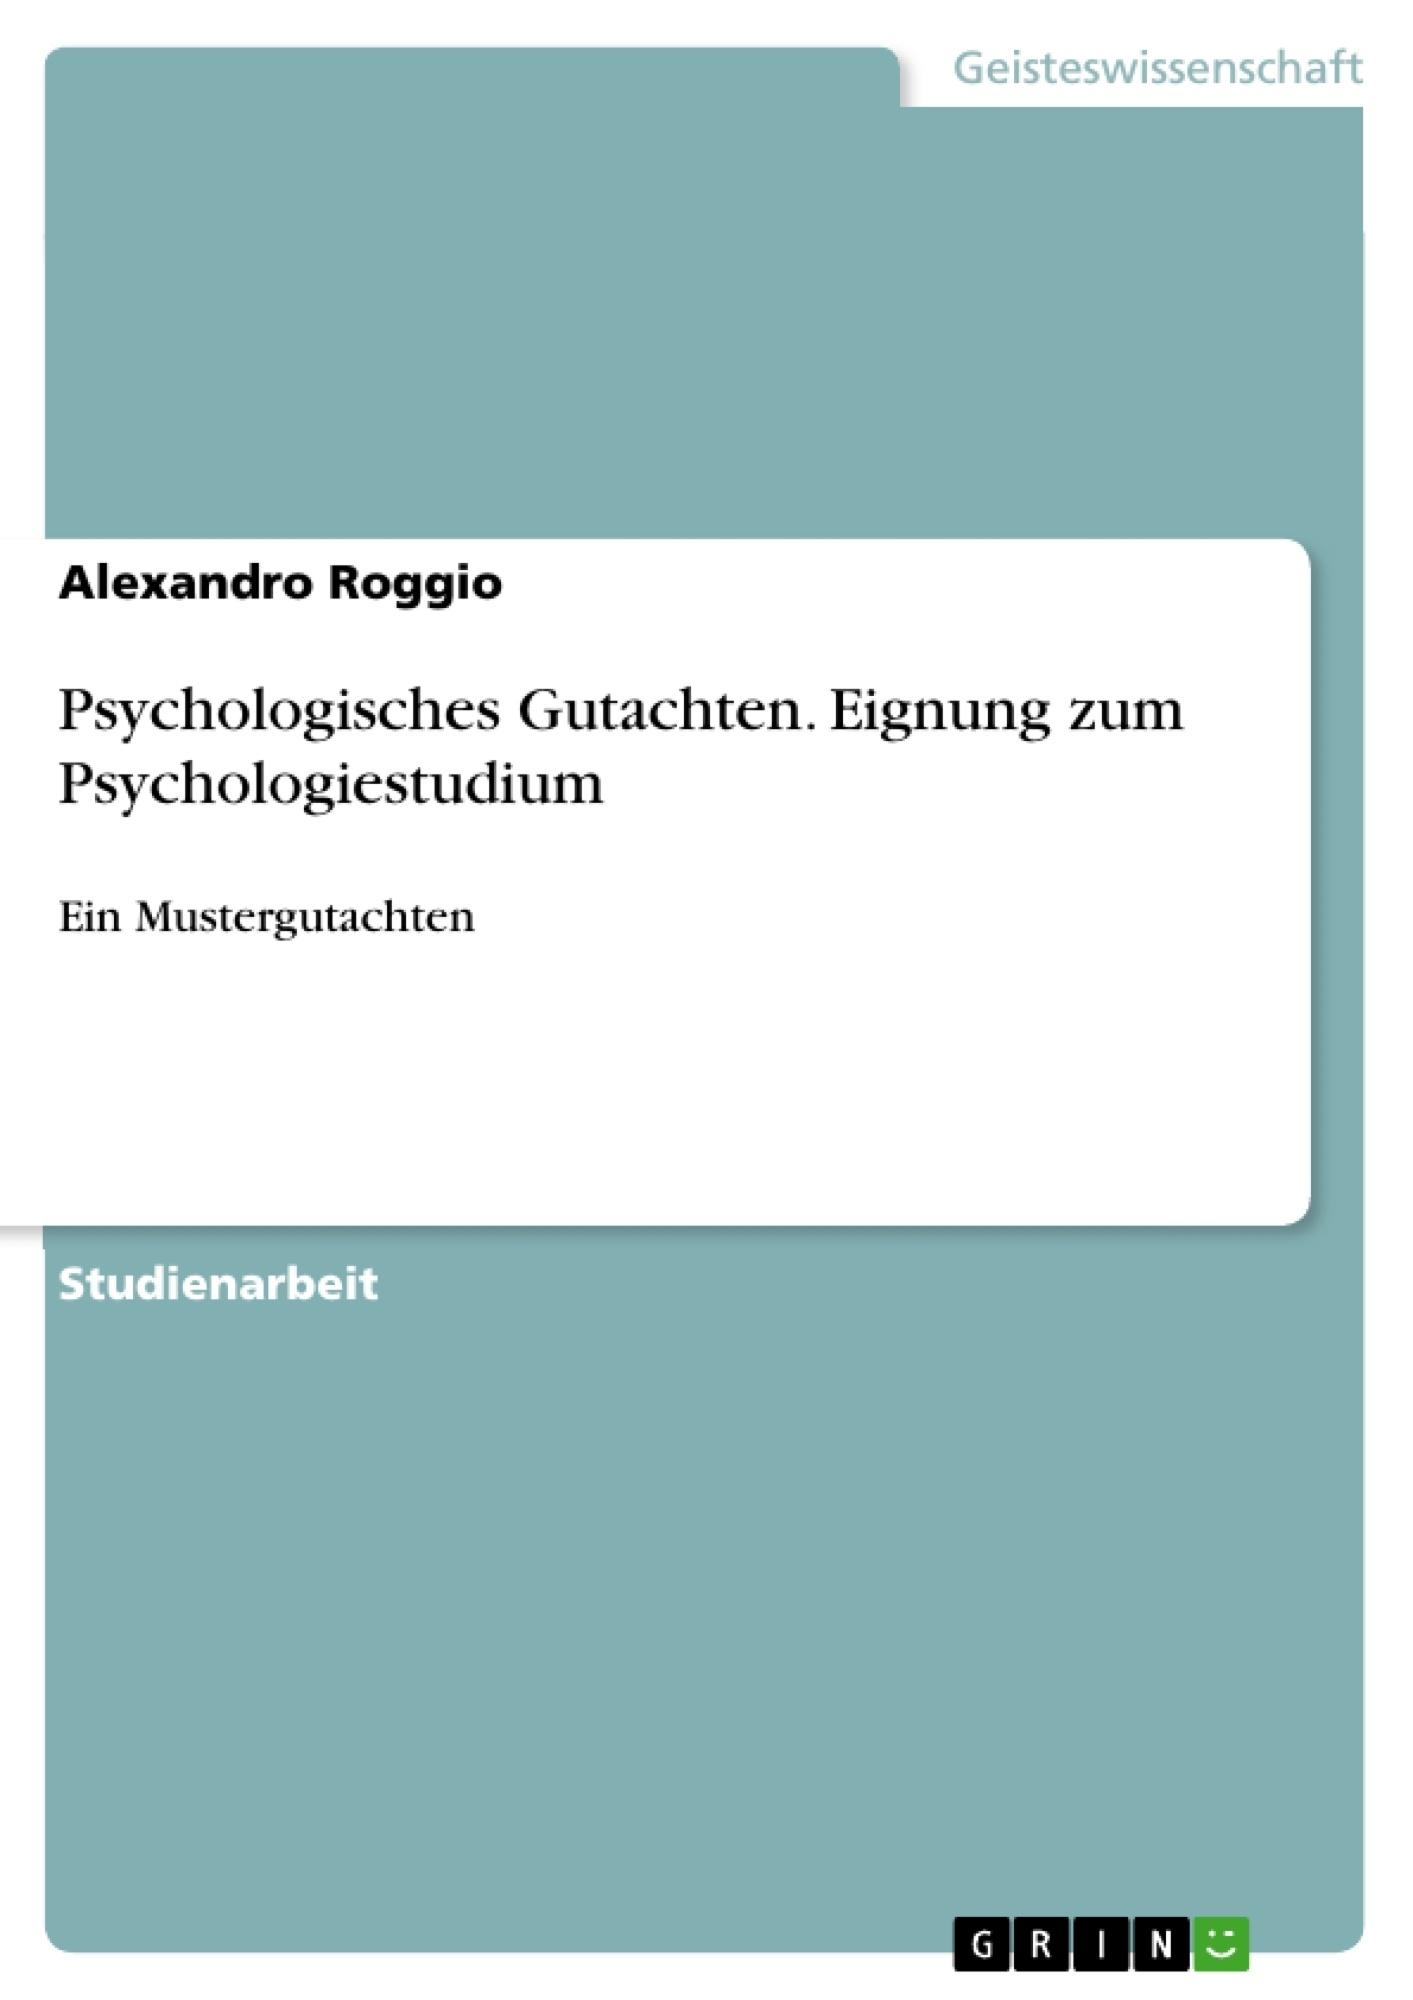 Titel: Psychologisches Gutachten. Eignung zum Psychologiestudium